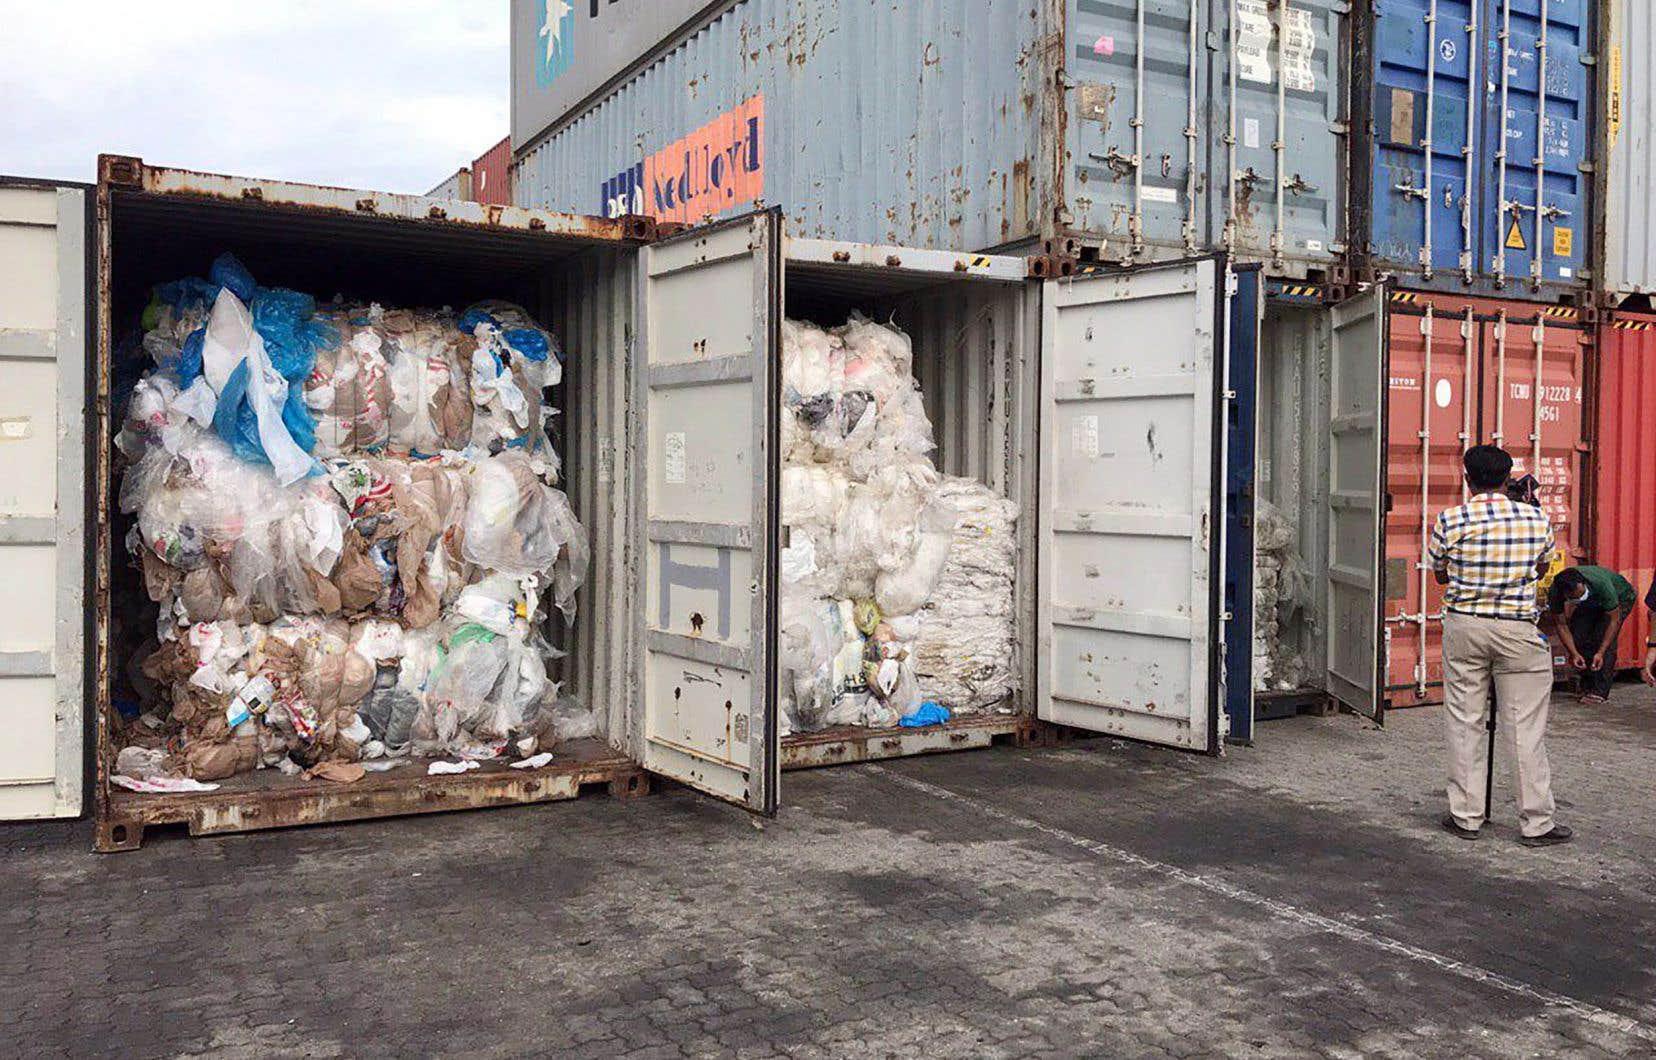 Le porte-parole du ministère cambodgien de l'Environnement a déclaré que 83 conteneurs remplis de déchets plastiques provenant des États-Unis et du Canada ont été retrouvés dans le port de Sihanoukville.